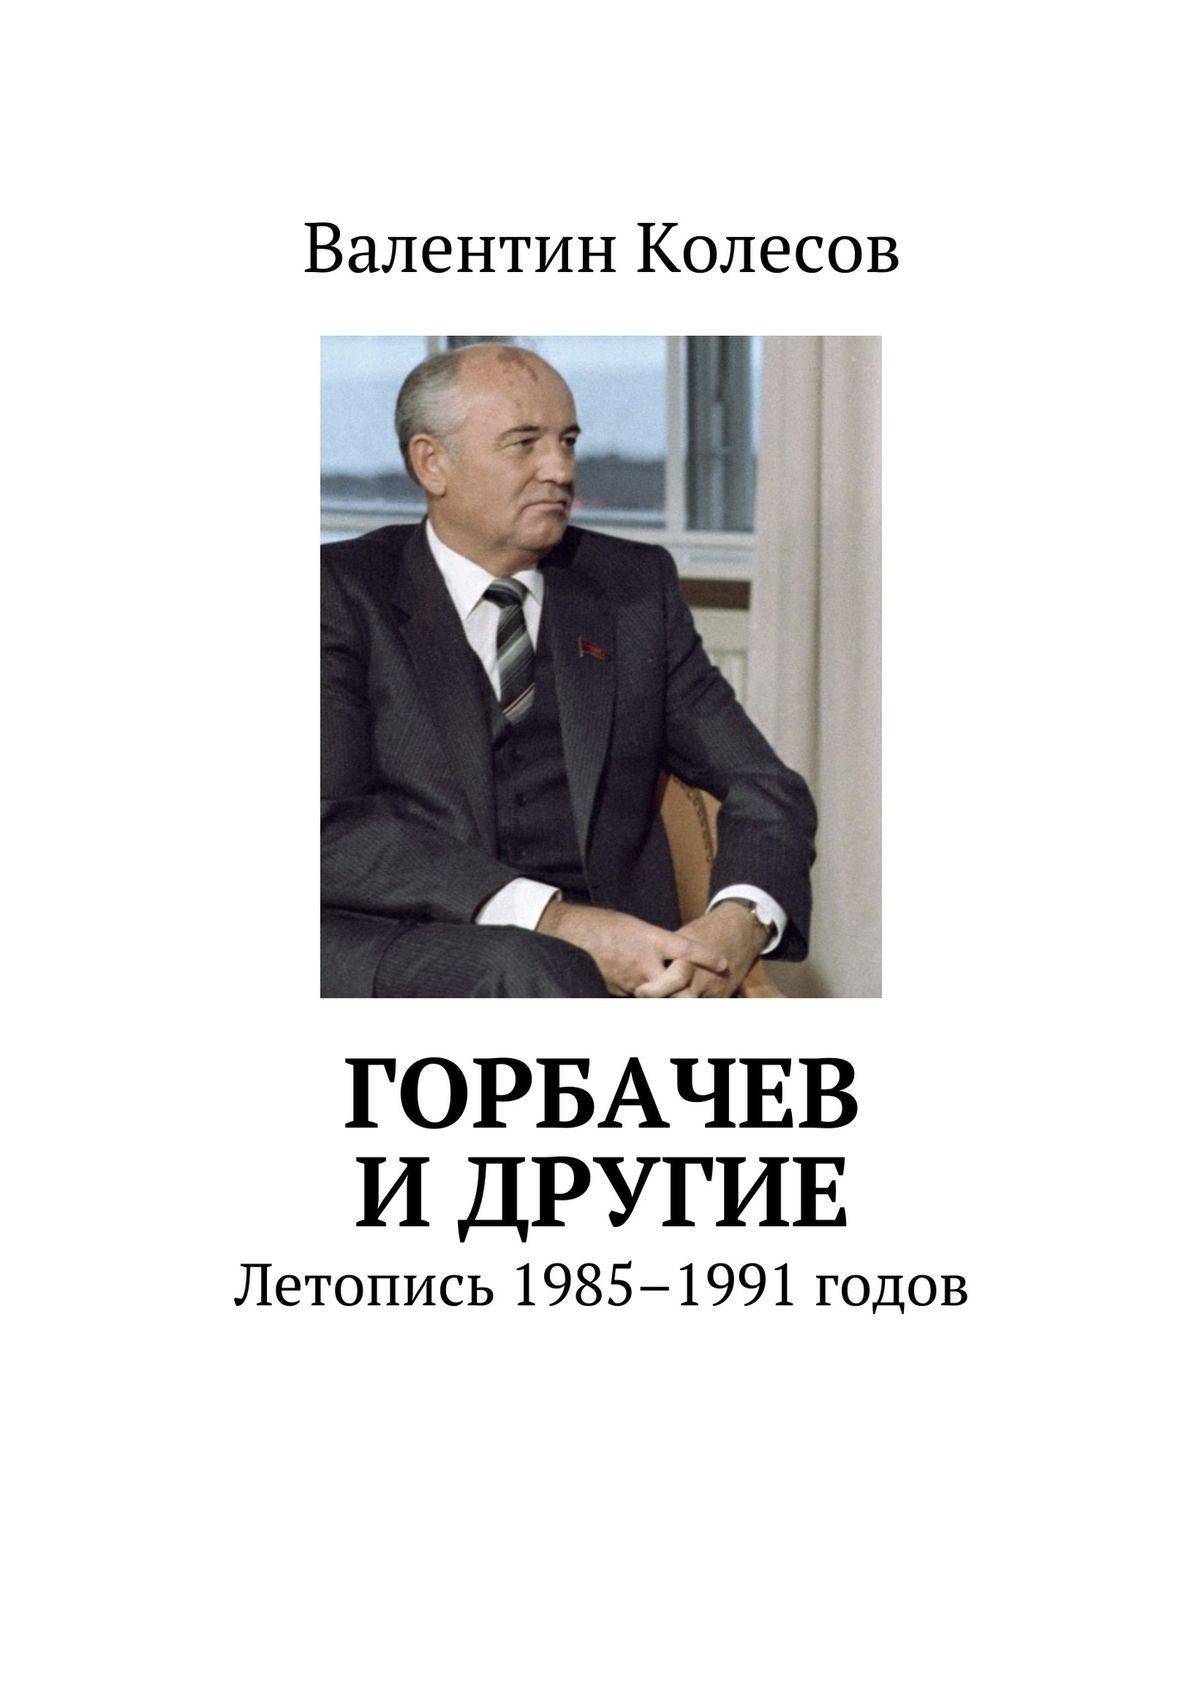 Валентин Колесов Горбачев идругие. Летопись 1985–1991 годов а сюдр история коммунизма